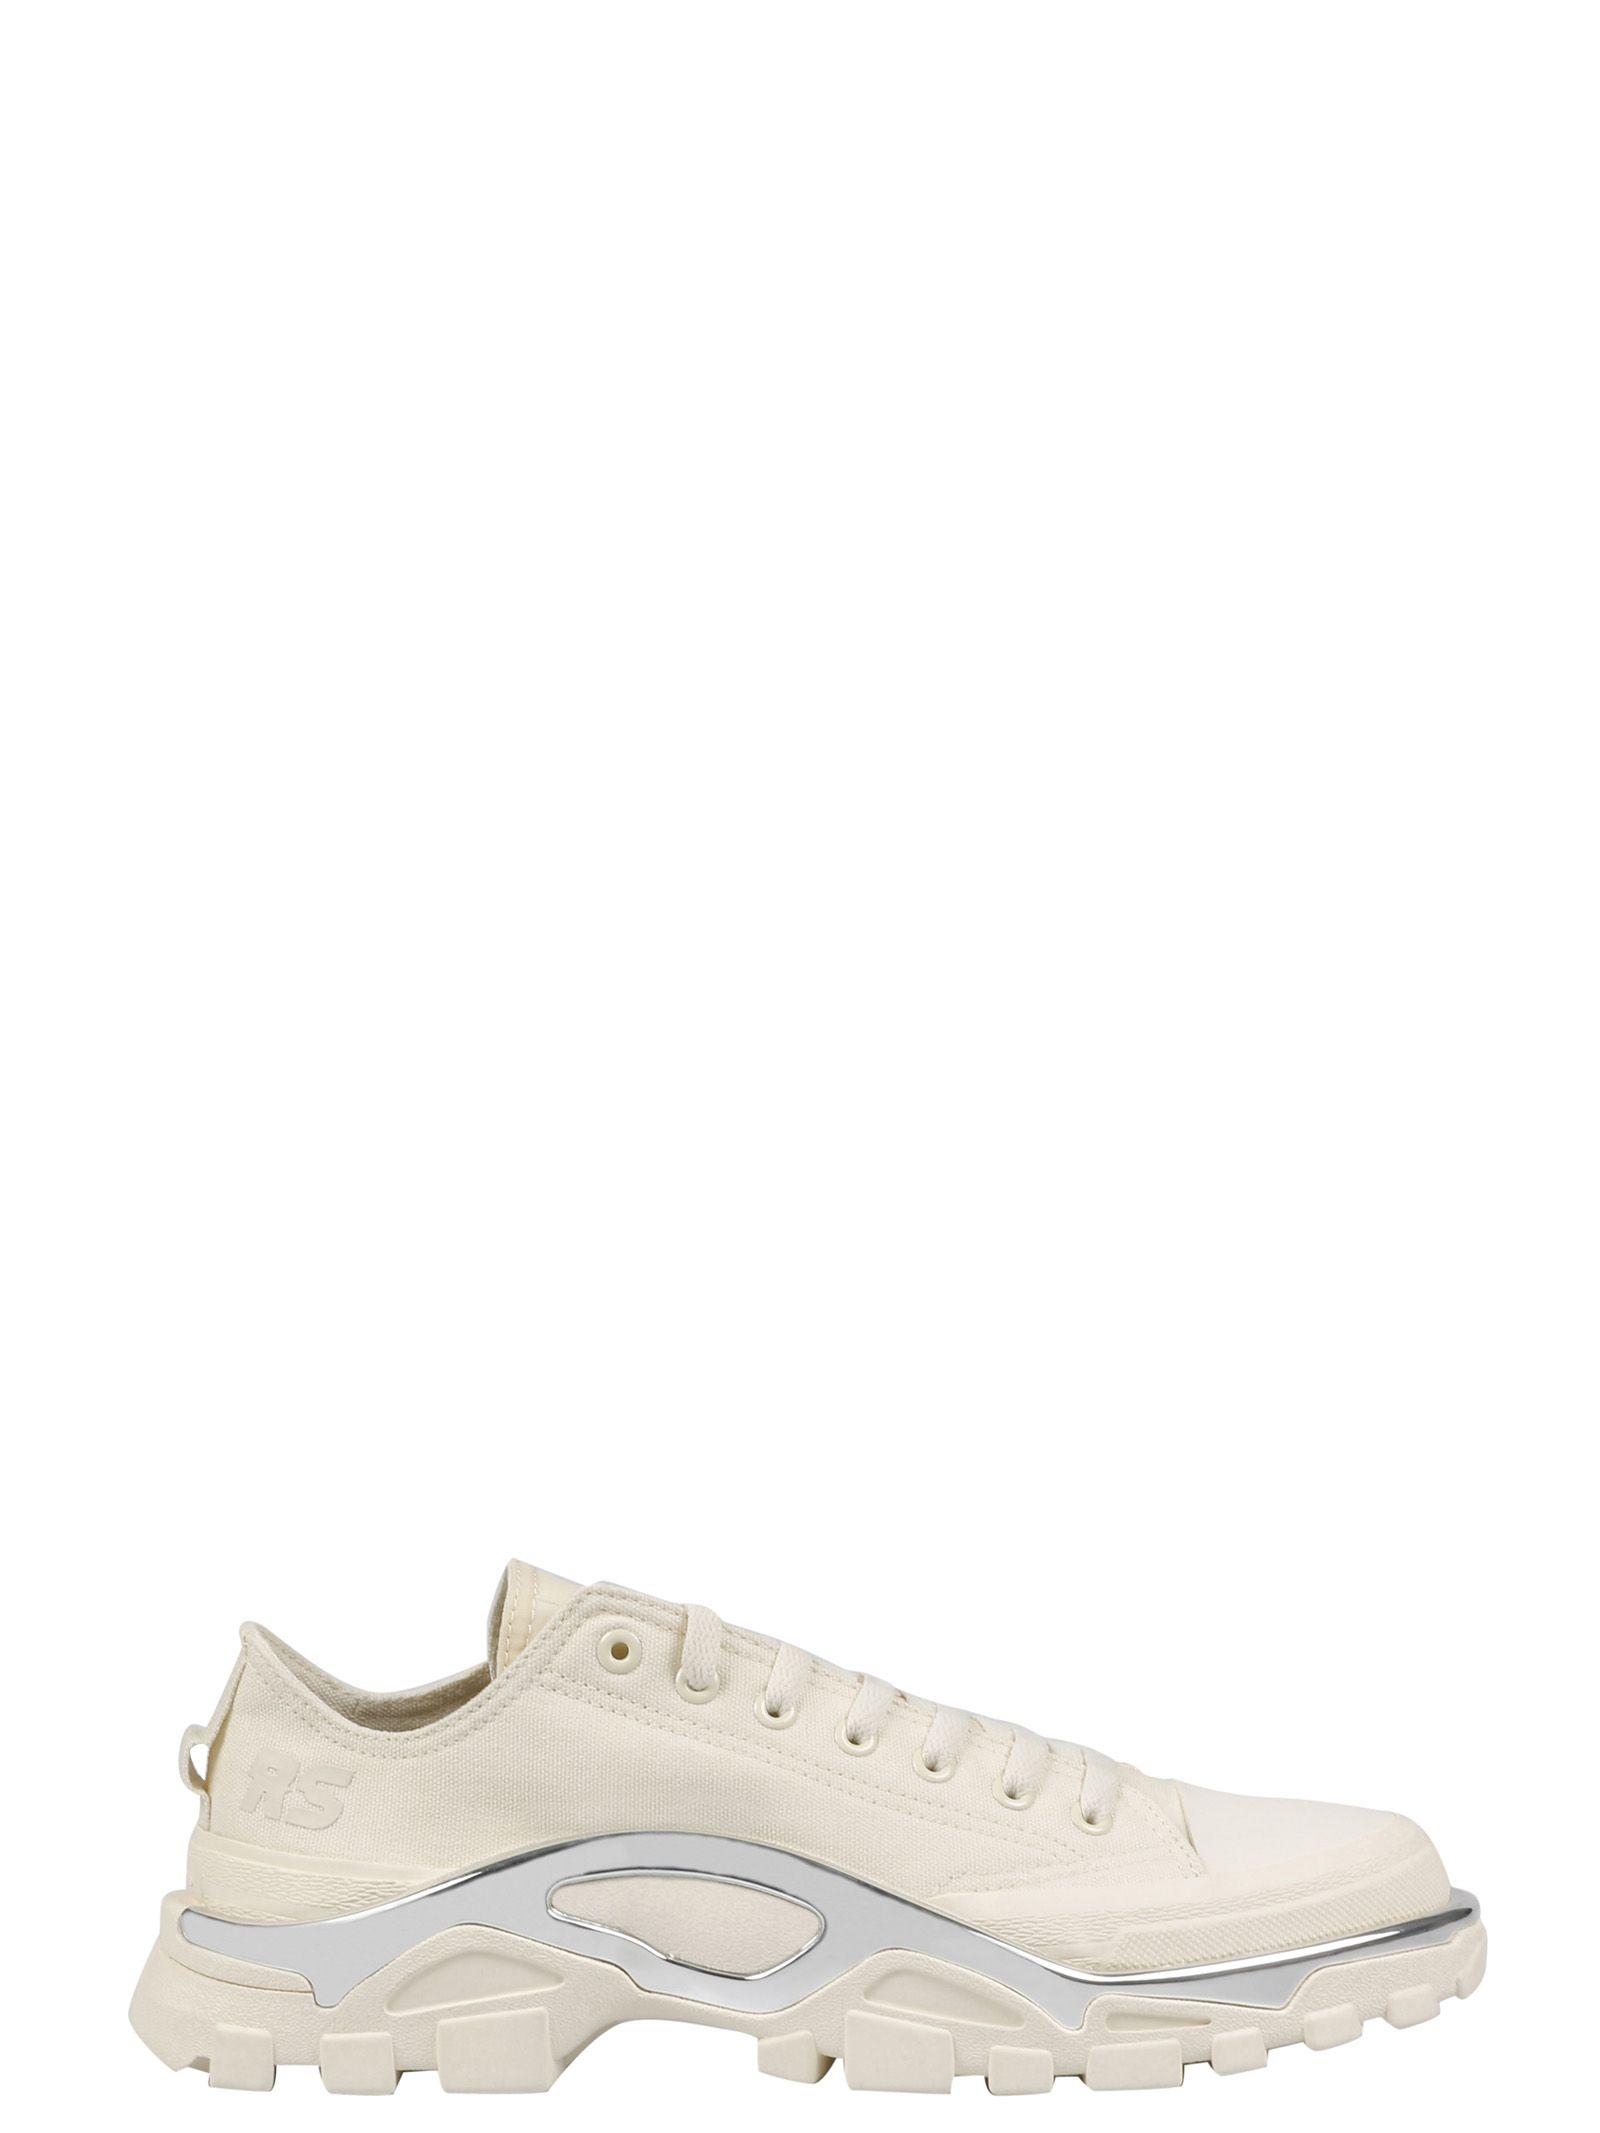 ADIDAS BY RAF SIMONS Rs Detroit Runner Sneakers in Beige